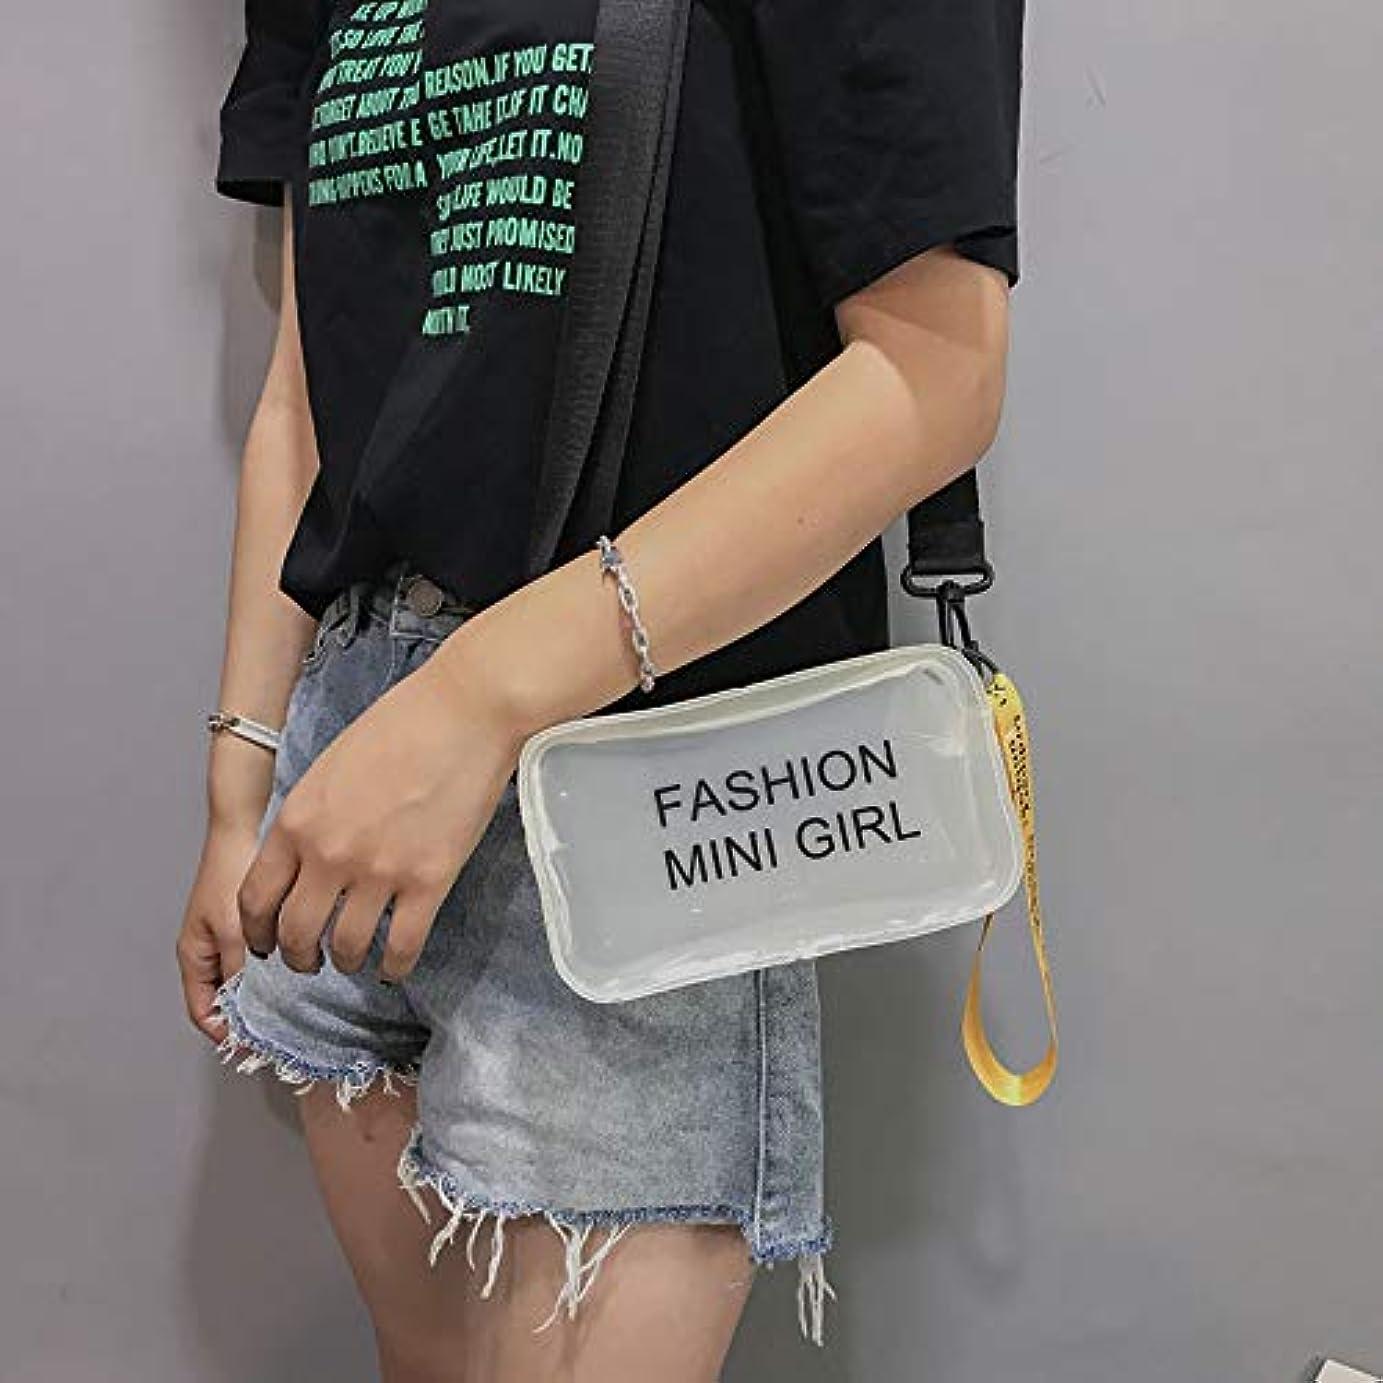 写真を撮る縫い目写真を撮る女性ファッションゼリー手紙ストリートシンプルデザインショルダーバッグメッセンジャーバッグ、ゼリー手紙メッセンジャーバッグハンドバッグ携帯電話バッグ、ファッション汎用メッセンジャーバッグショルダーバッグハンドバッグ (白)